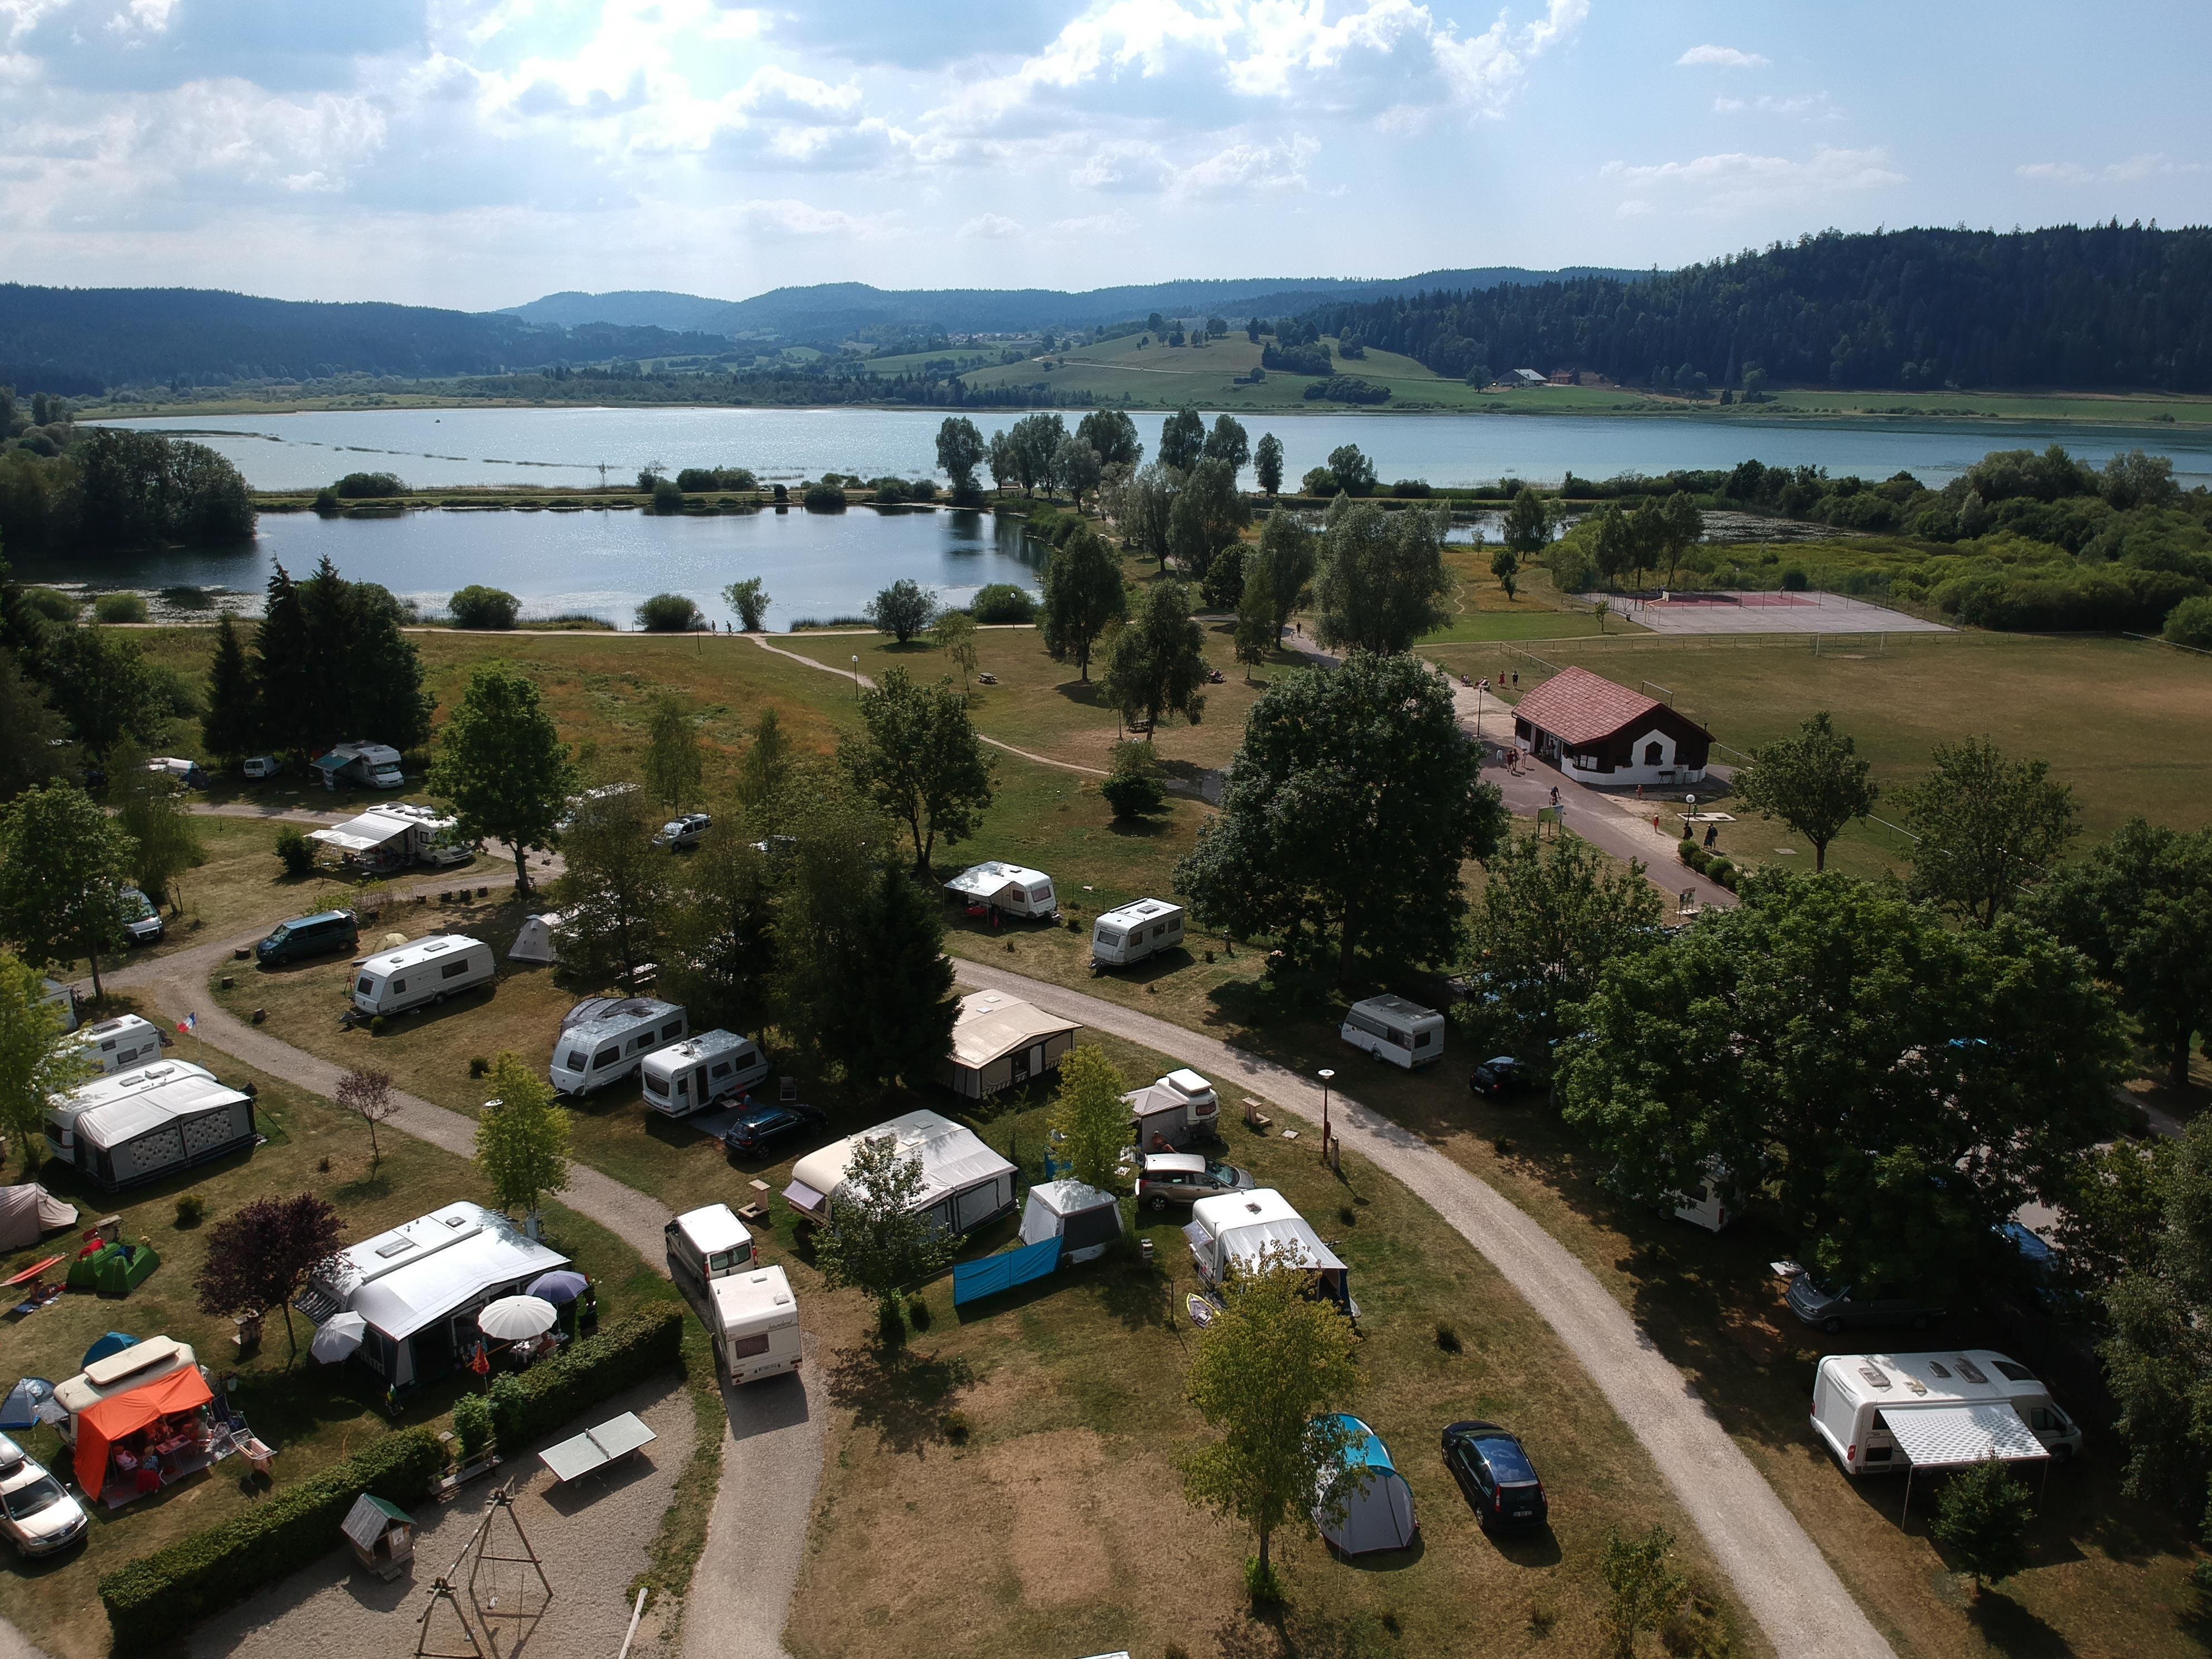 Camping du Lac, Labergement-Sainte-Marie, Doubs